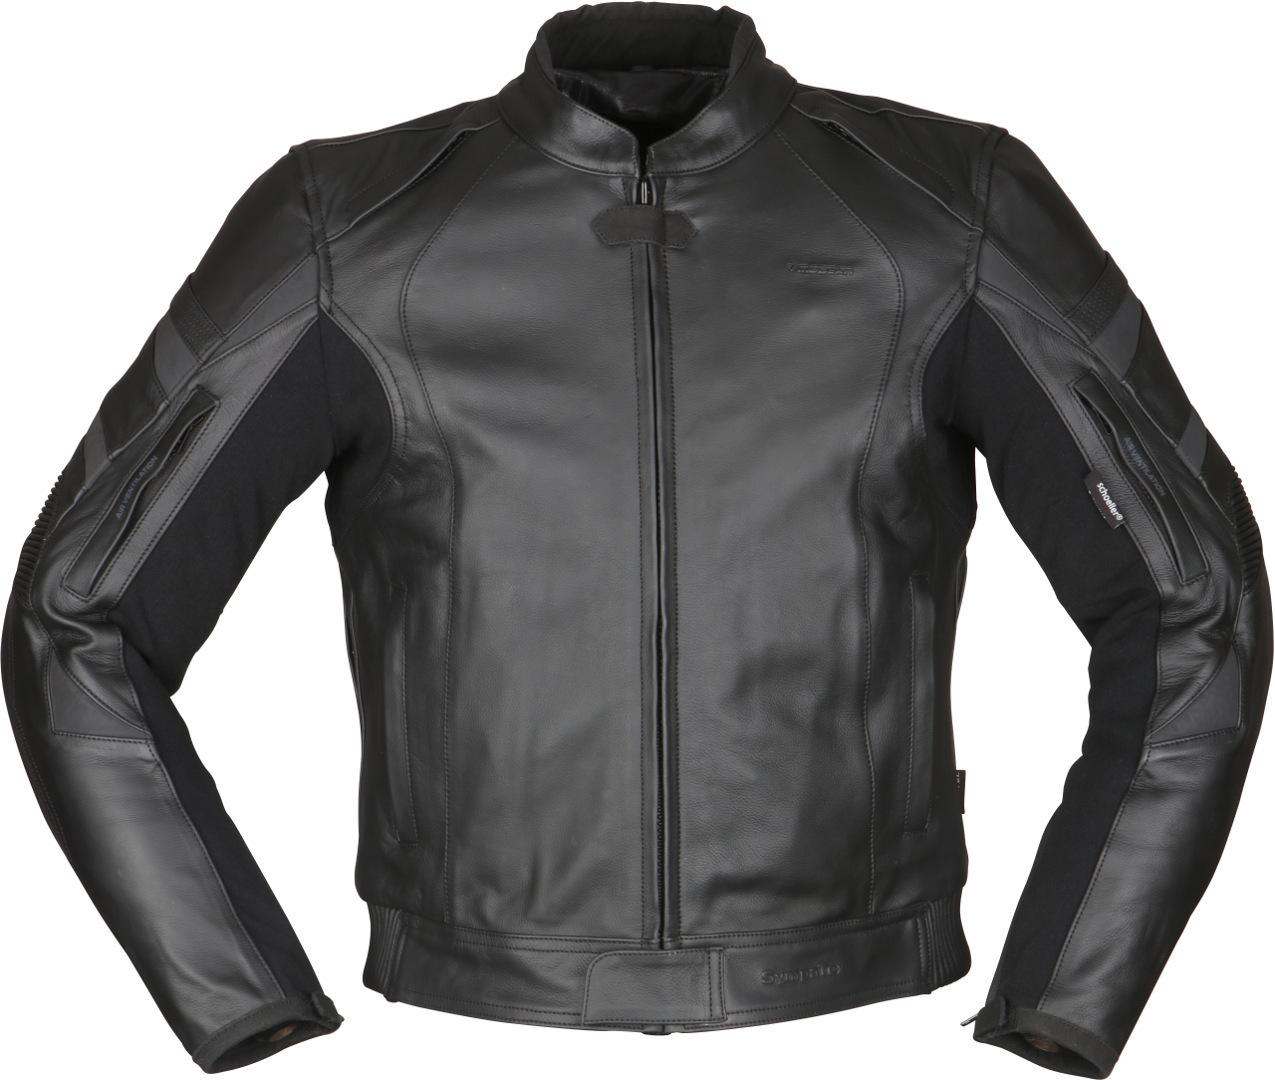 Modeka Tourrider II Motorrad Lederjacke, schwarz, Größe 56, schwarz, Größe 56